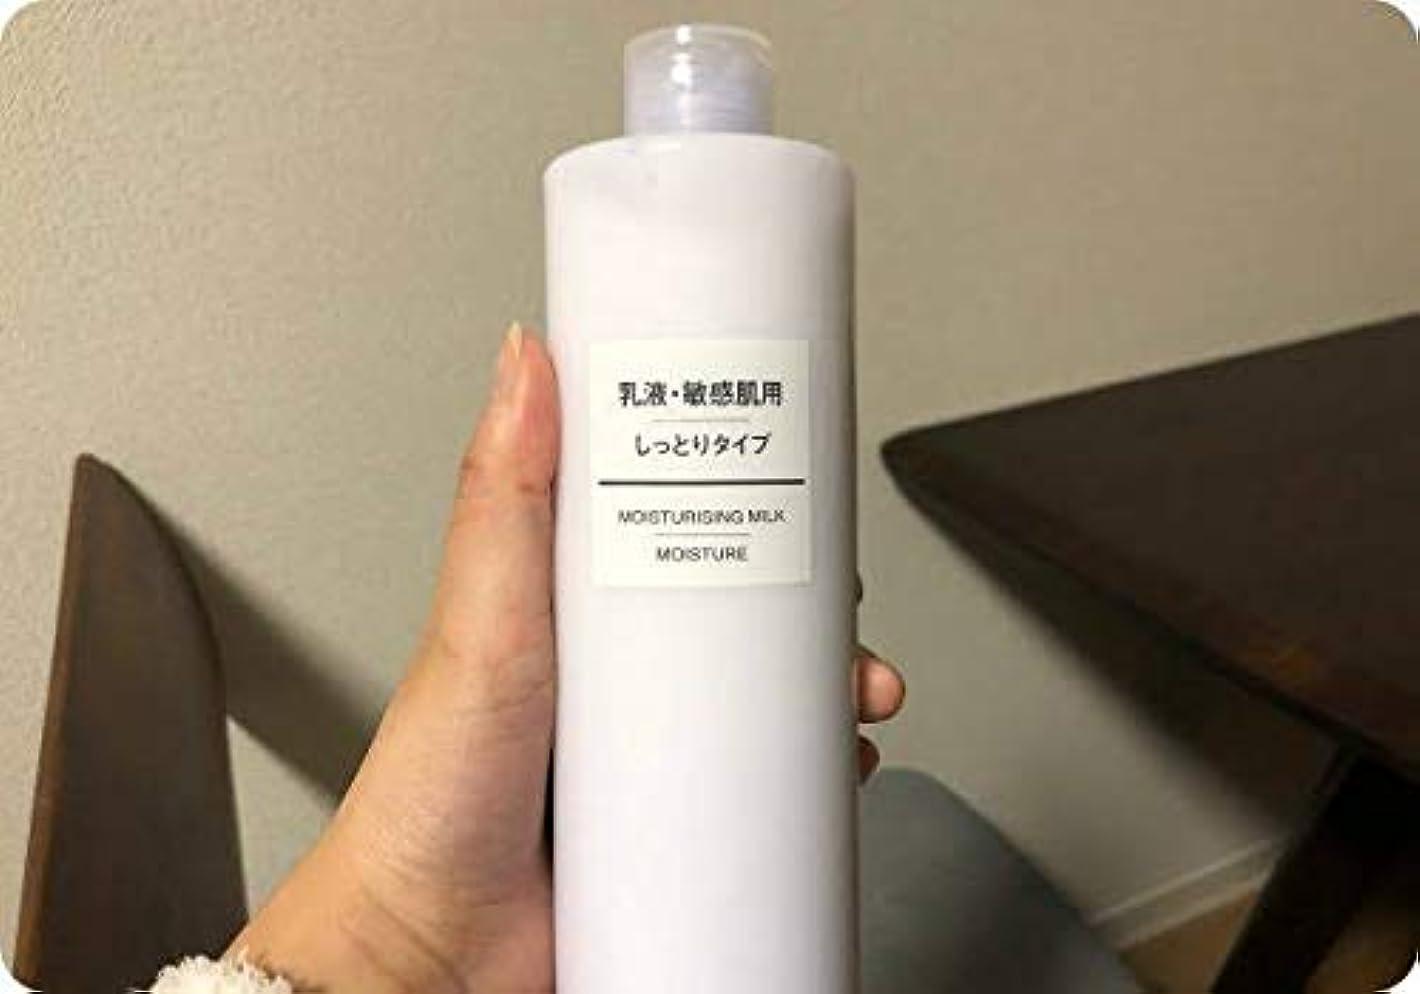 嫉妬無能スクラッチ無印良品 乳液 敏感肌用 さっぱりタイプ(大容量) 400ml